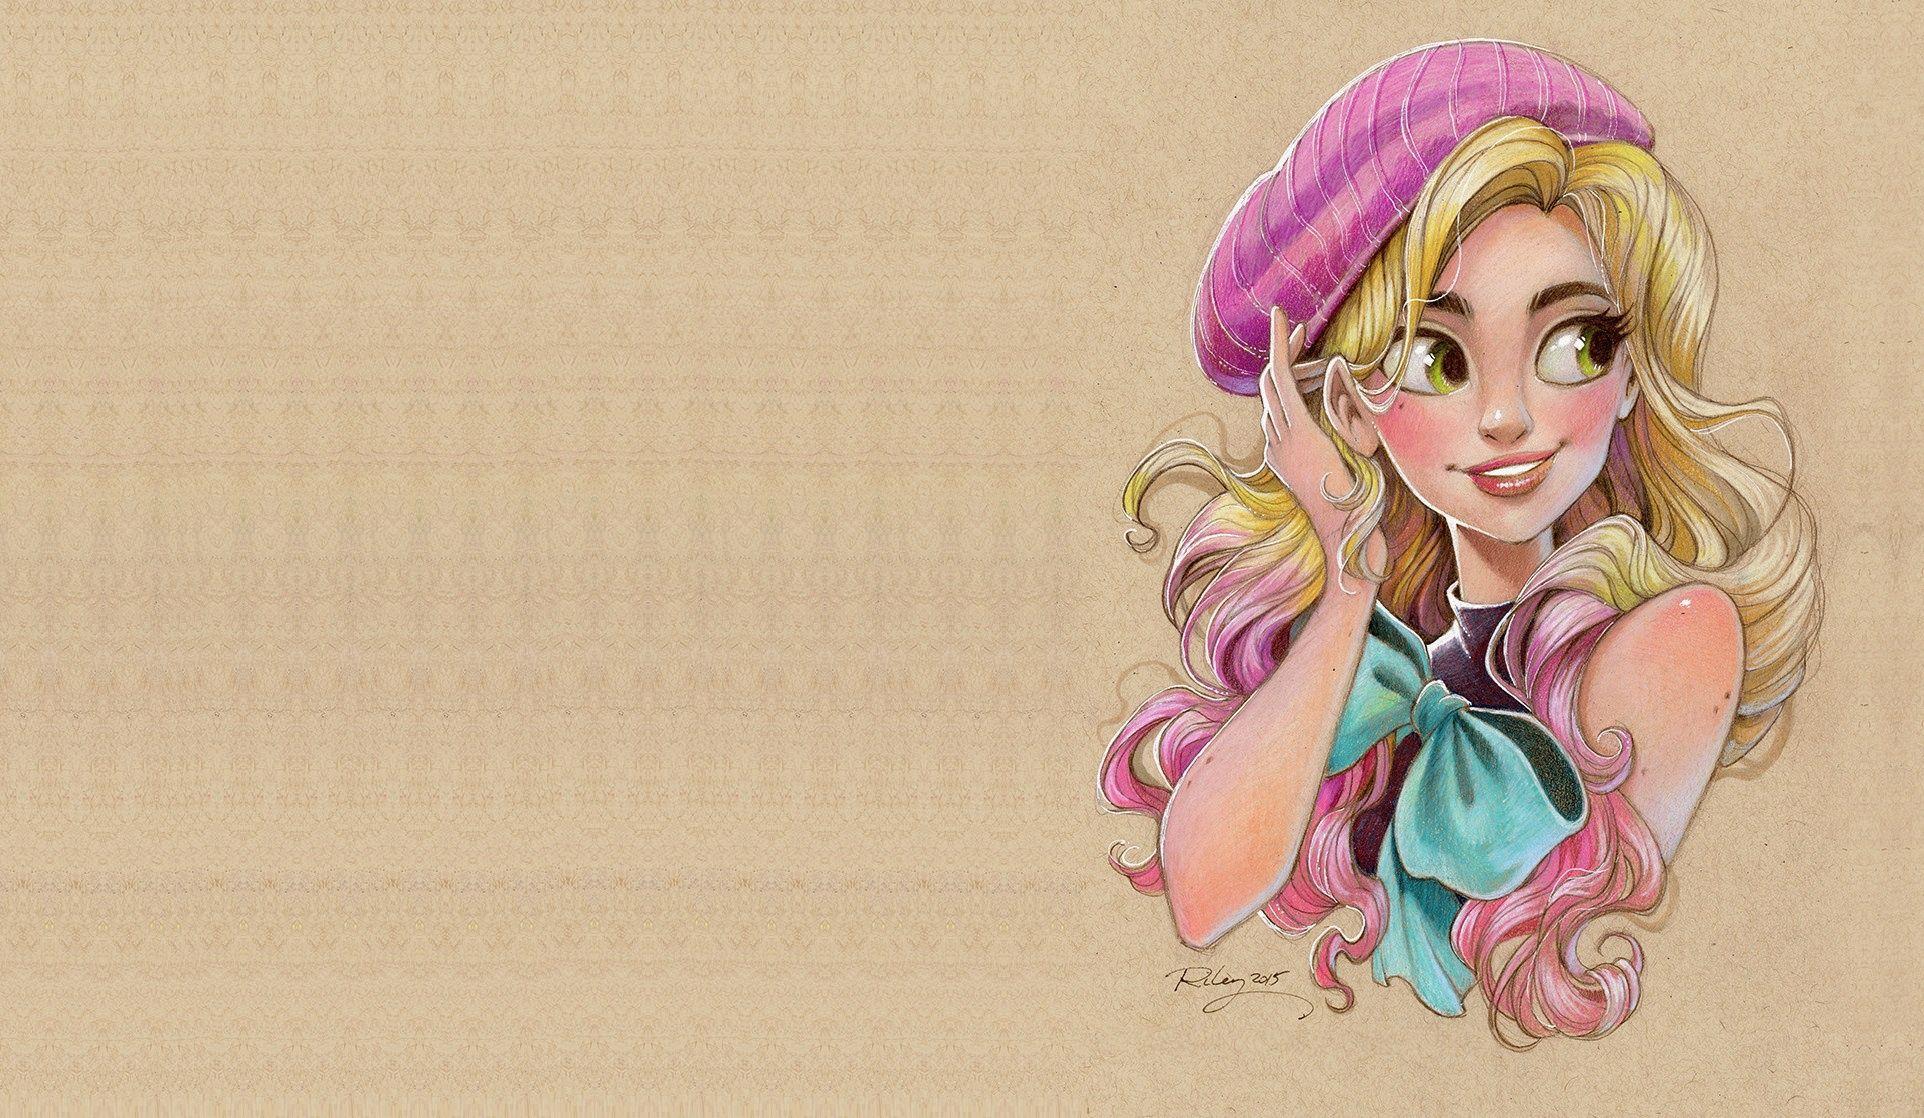 Картинки мультяшные красивые девочки